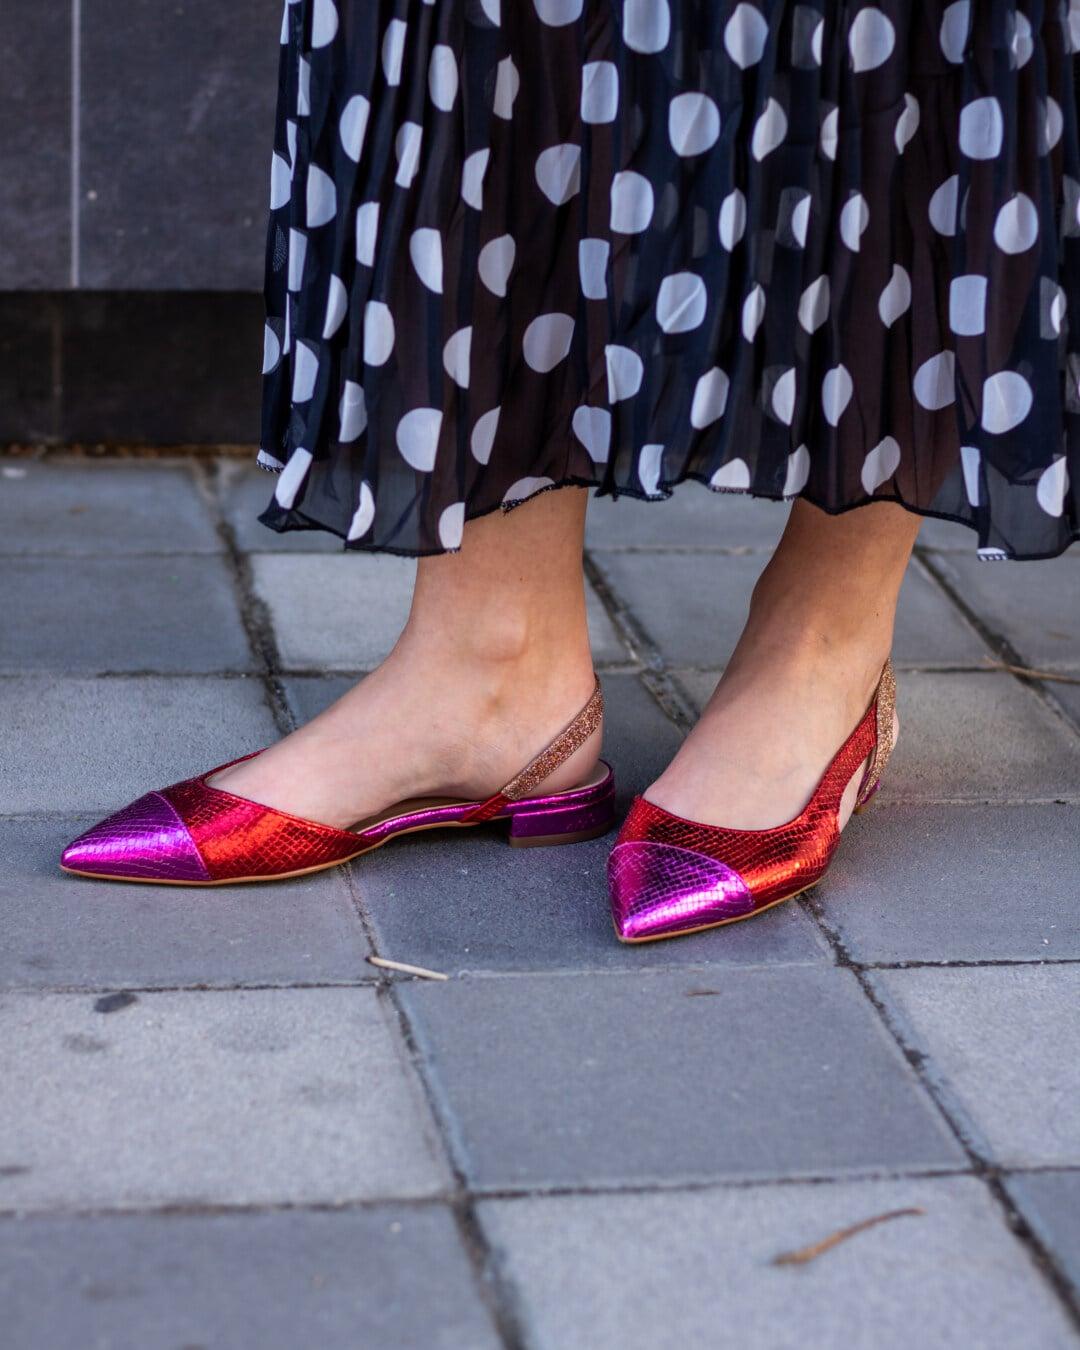 μαύρο και άσπρο, φούστα, Παπούτσια, λάμπει, ροζ, κοκκινωπό, πόδι, Οδός, παπούτσι, κορίτσι